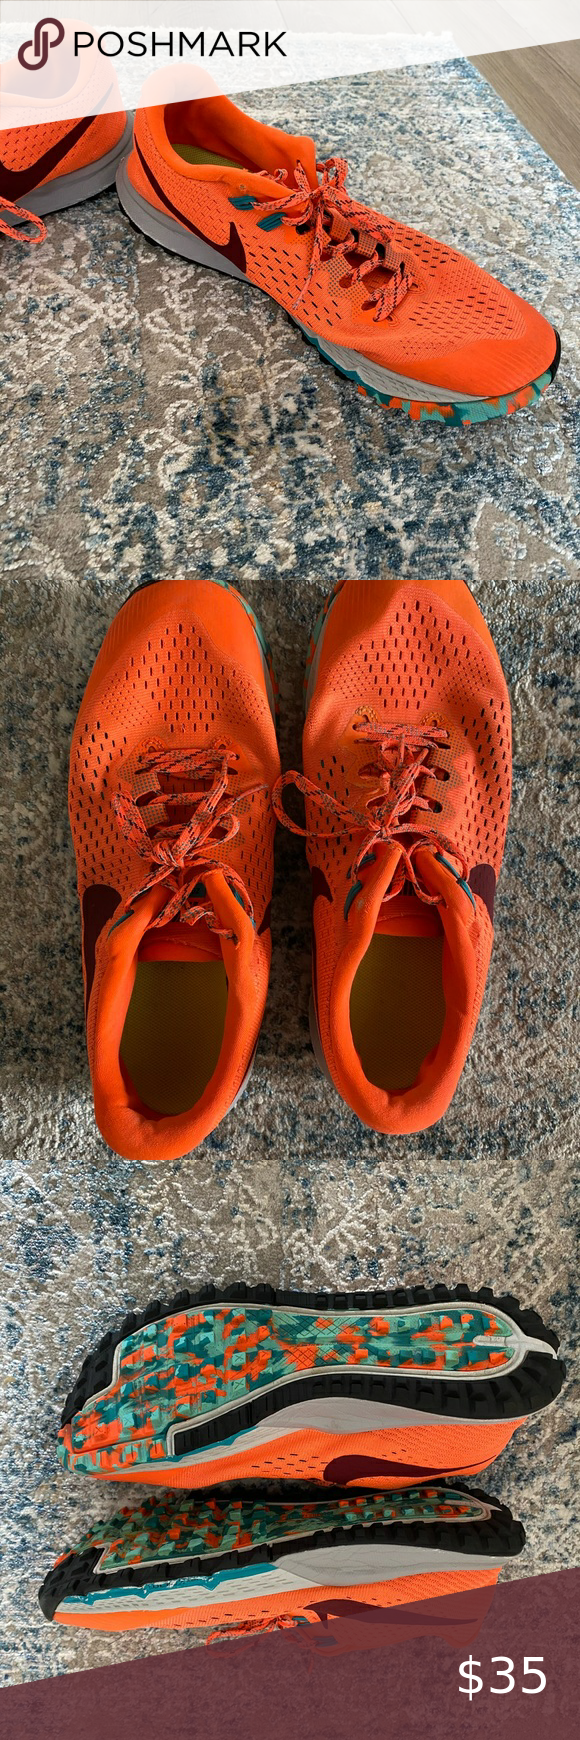 Orange Nike Shoes Black Background